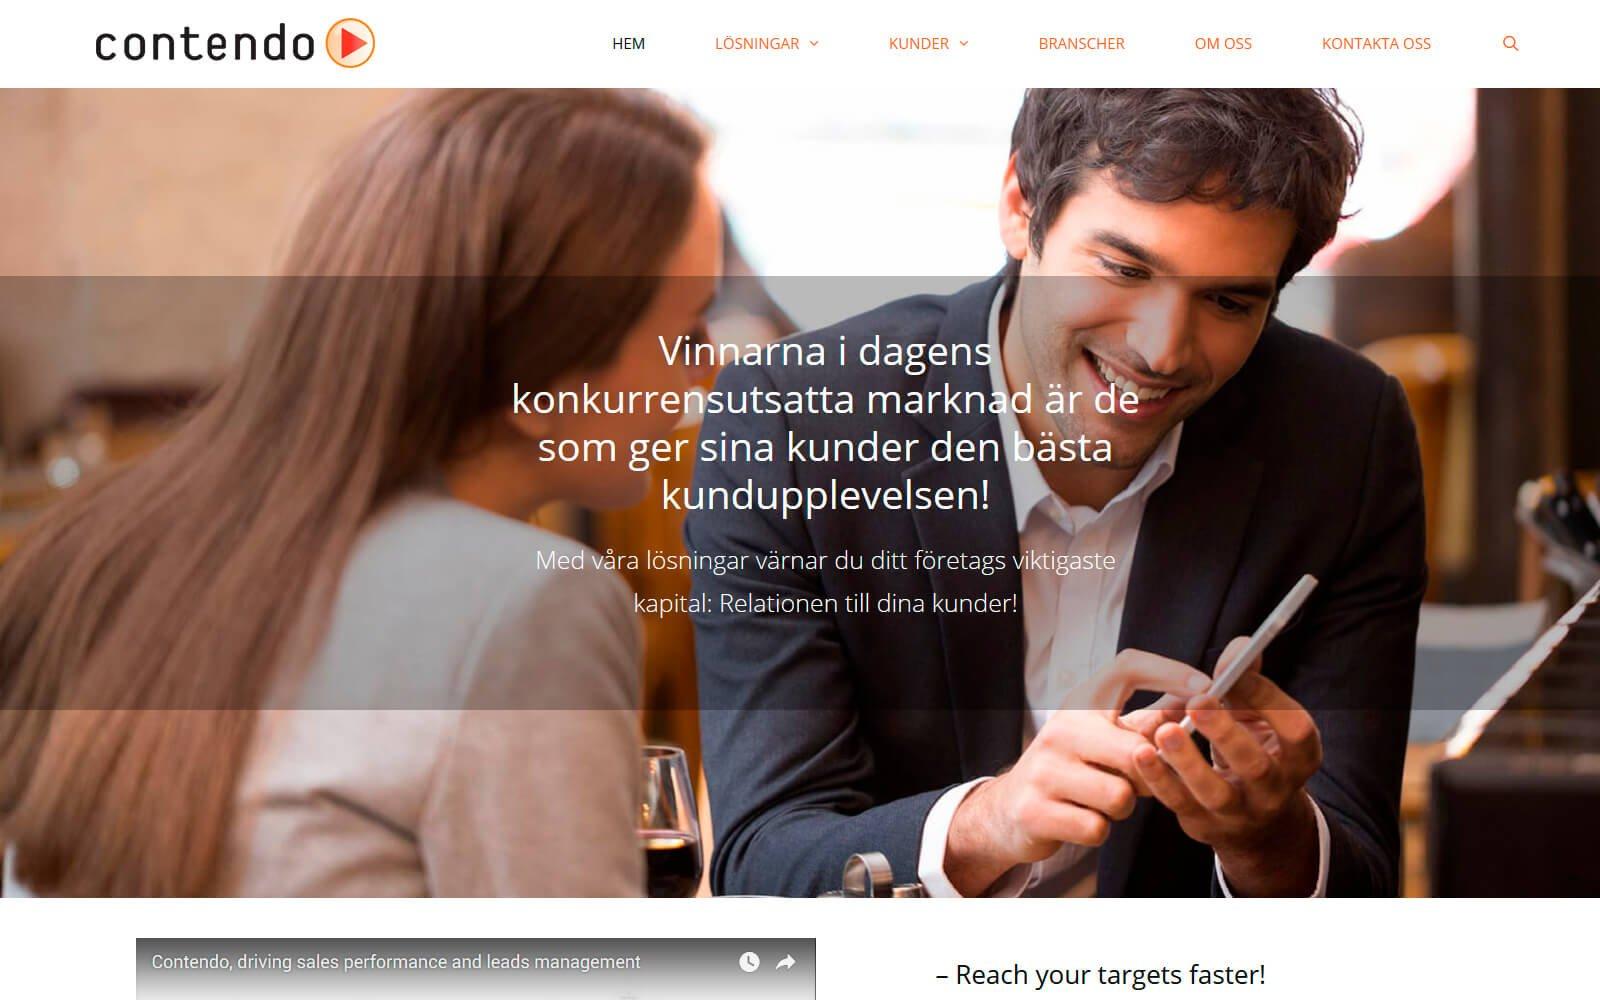 Contendo Sverige webside